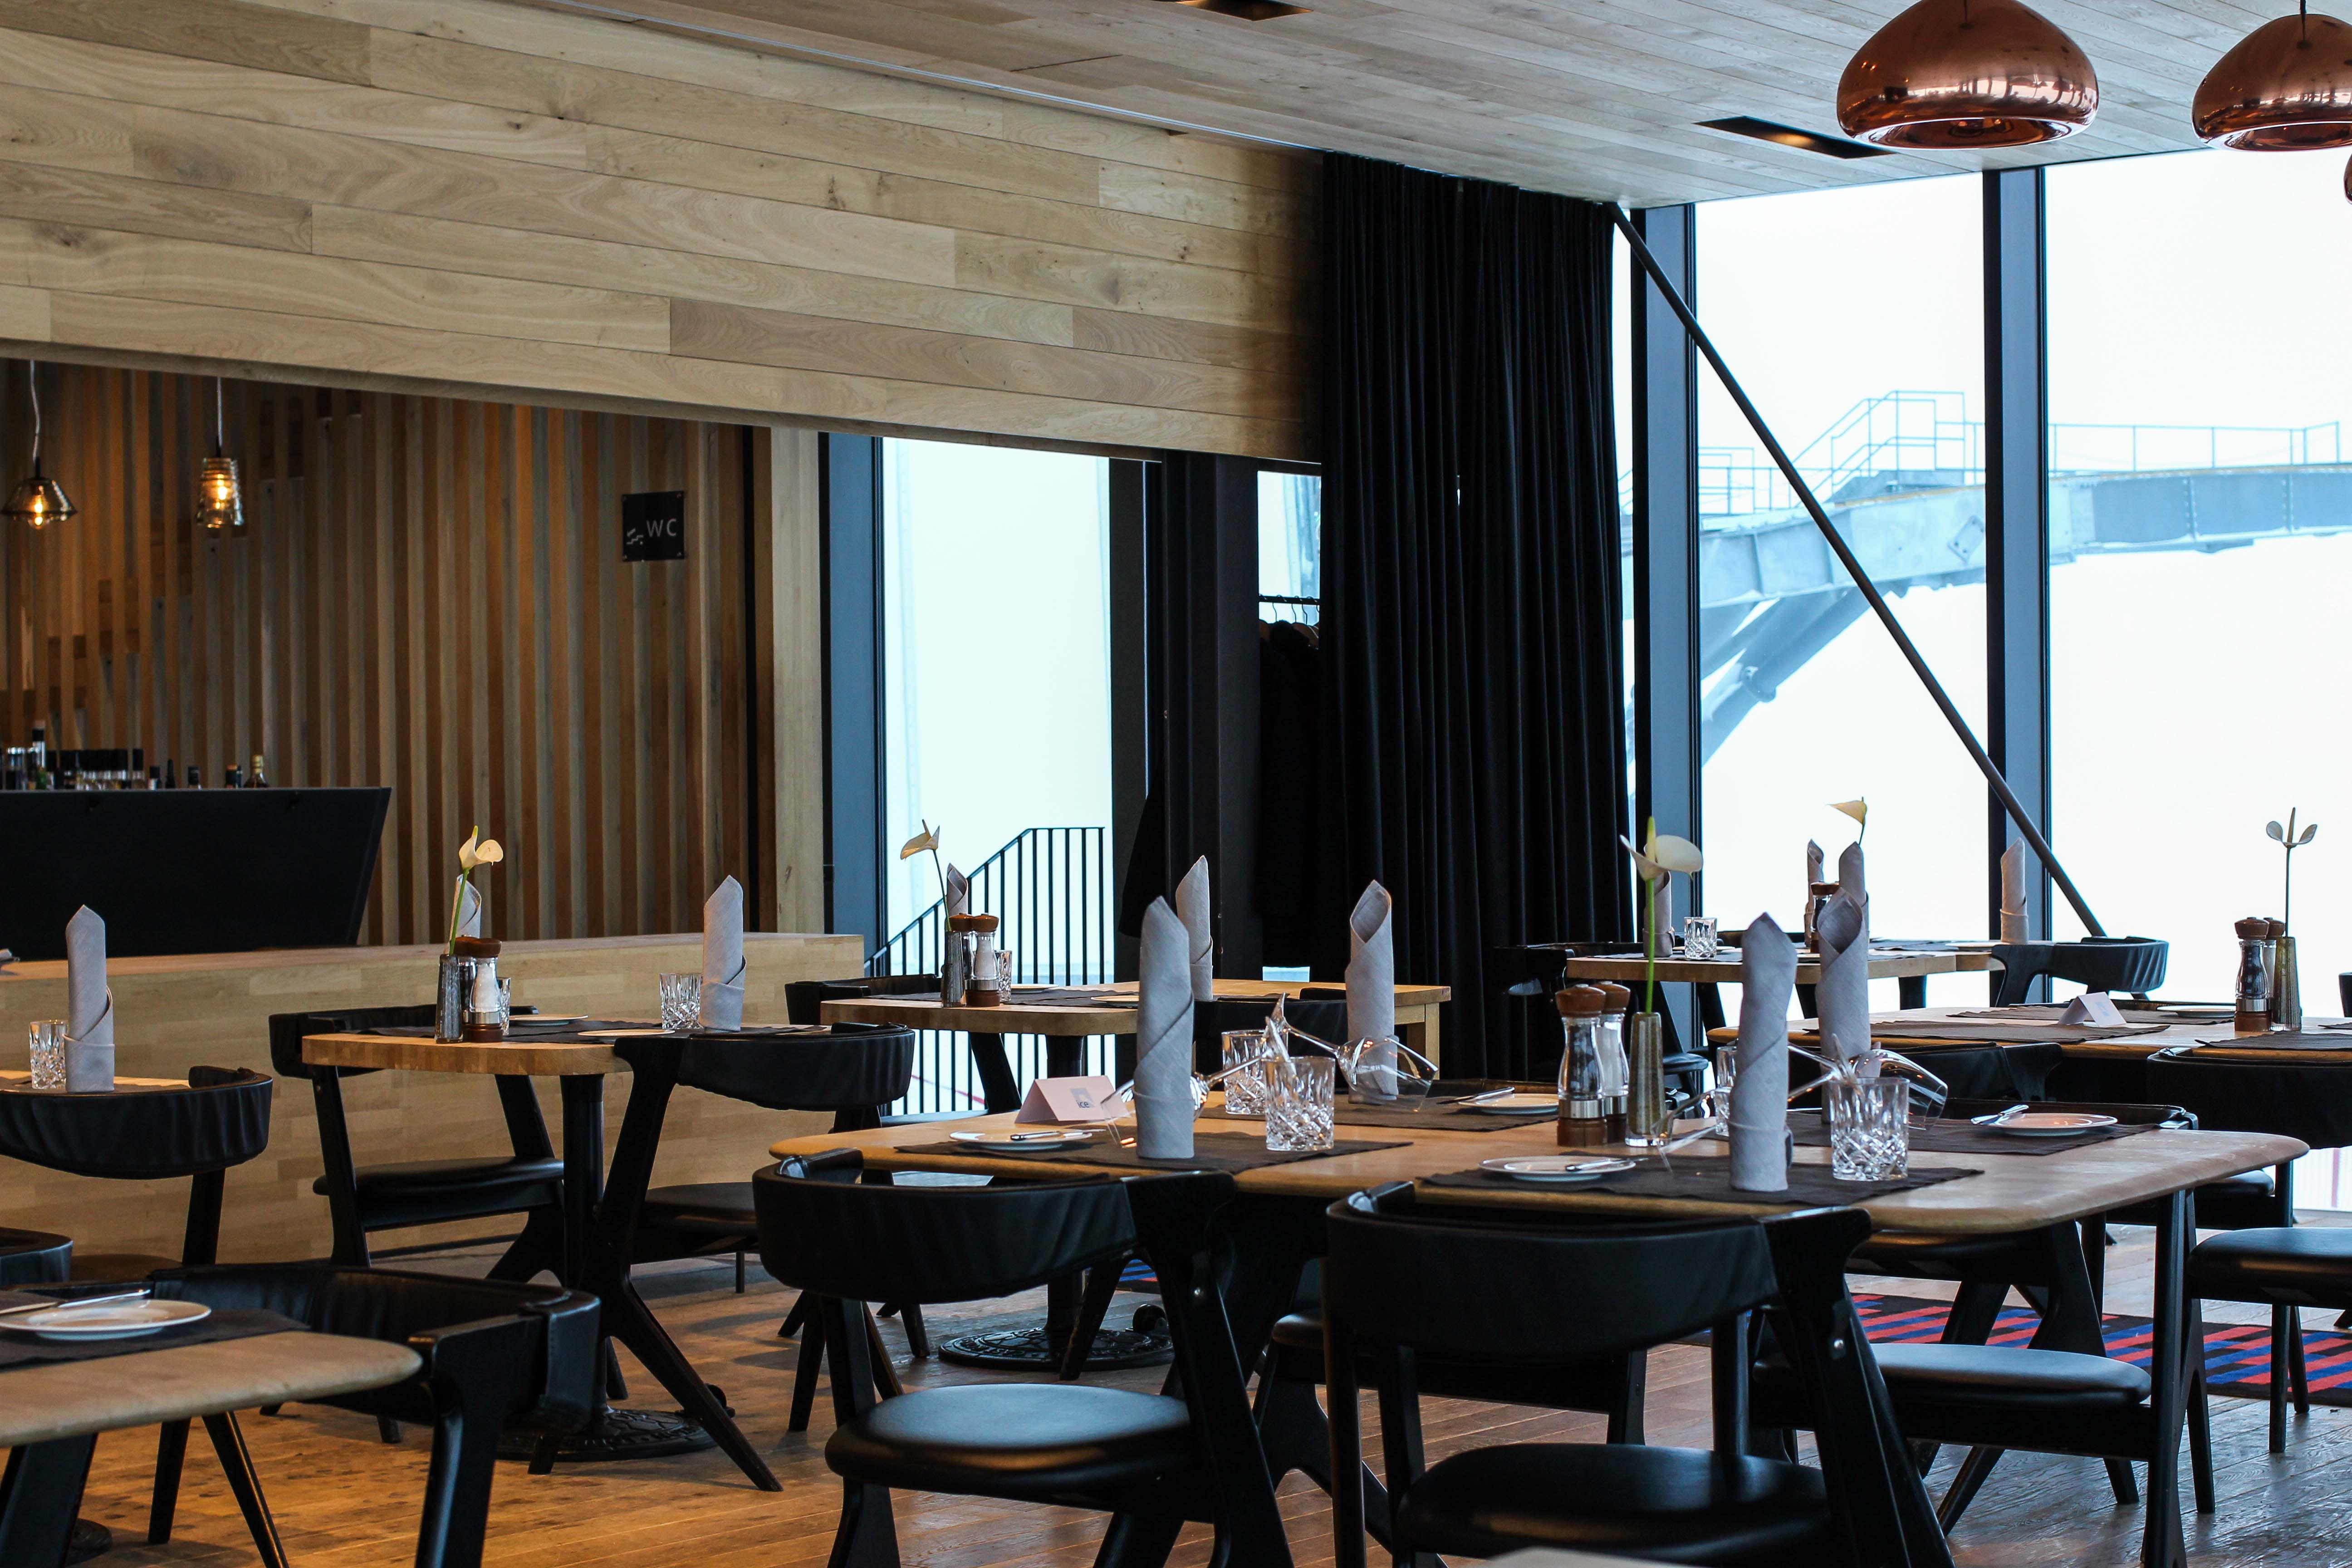 Gourmet-Restaurant innen iceQ Sölden Tirol Österreich James Bond Location Spectre 3000m Gaislachkogl Reiseblog